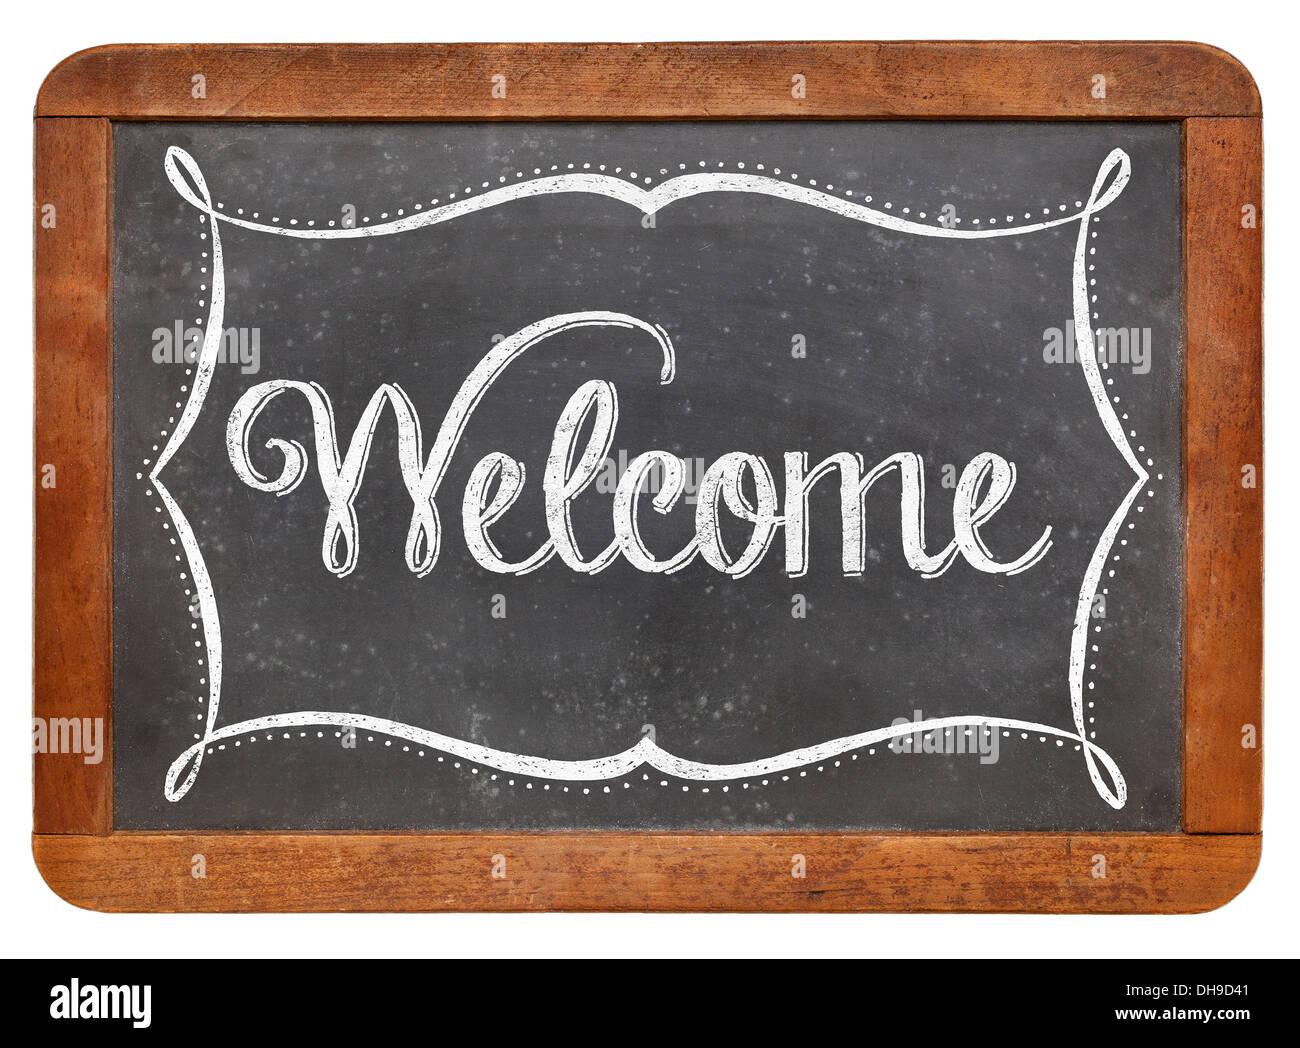 Willkommen-weiße Kreide Text auf einer Vintage Schiefer Tafel ...